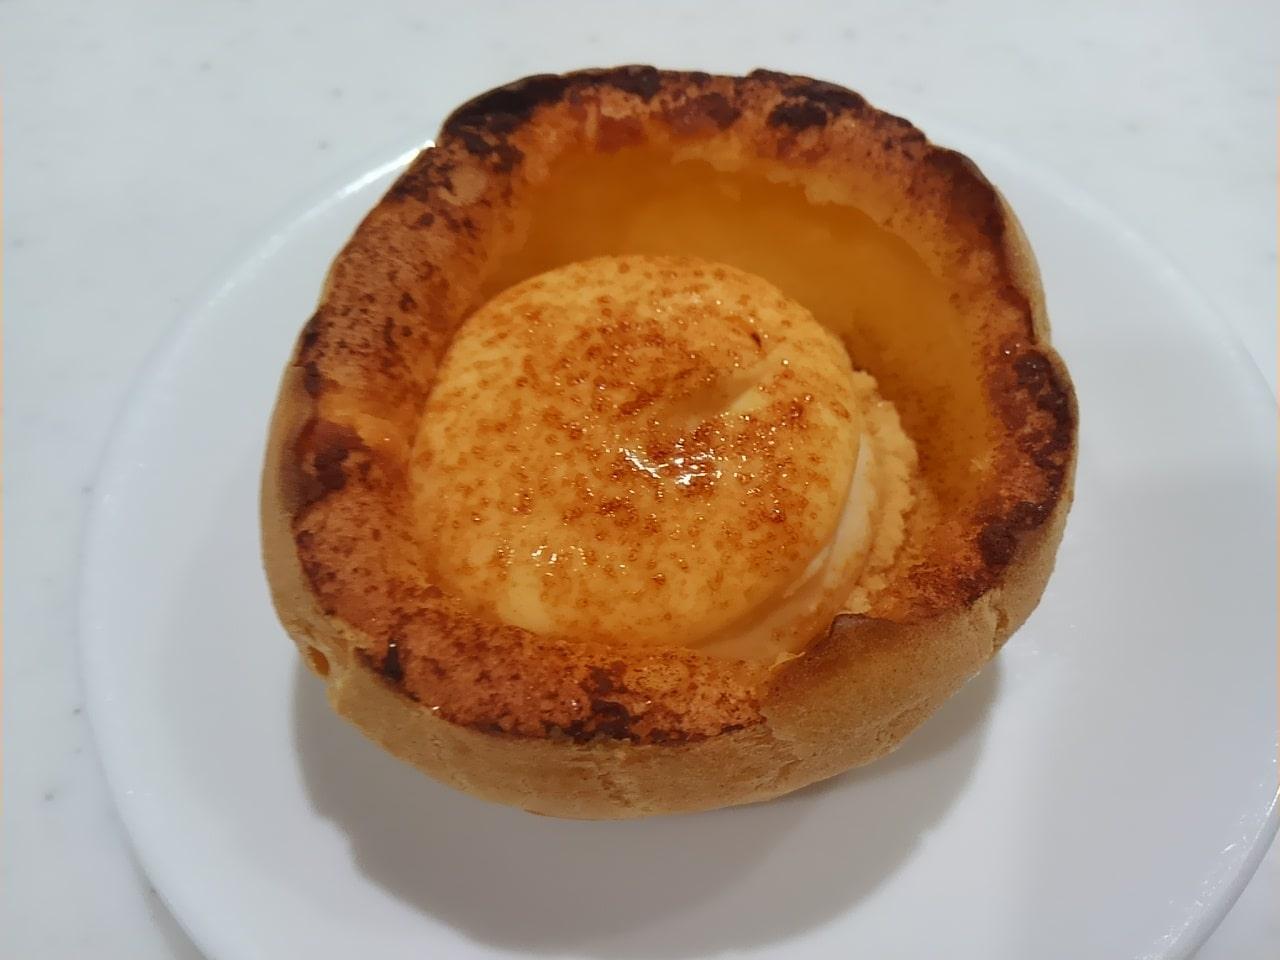 ローソンのチー2シュー(チーズチーズケーキシュー)の感想